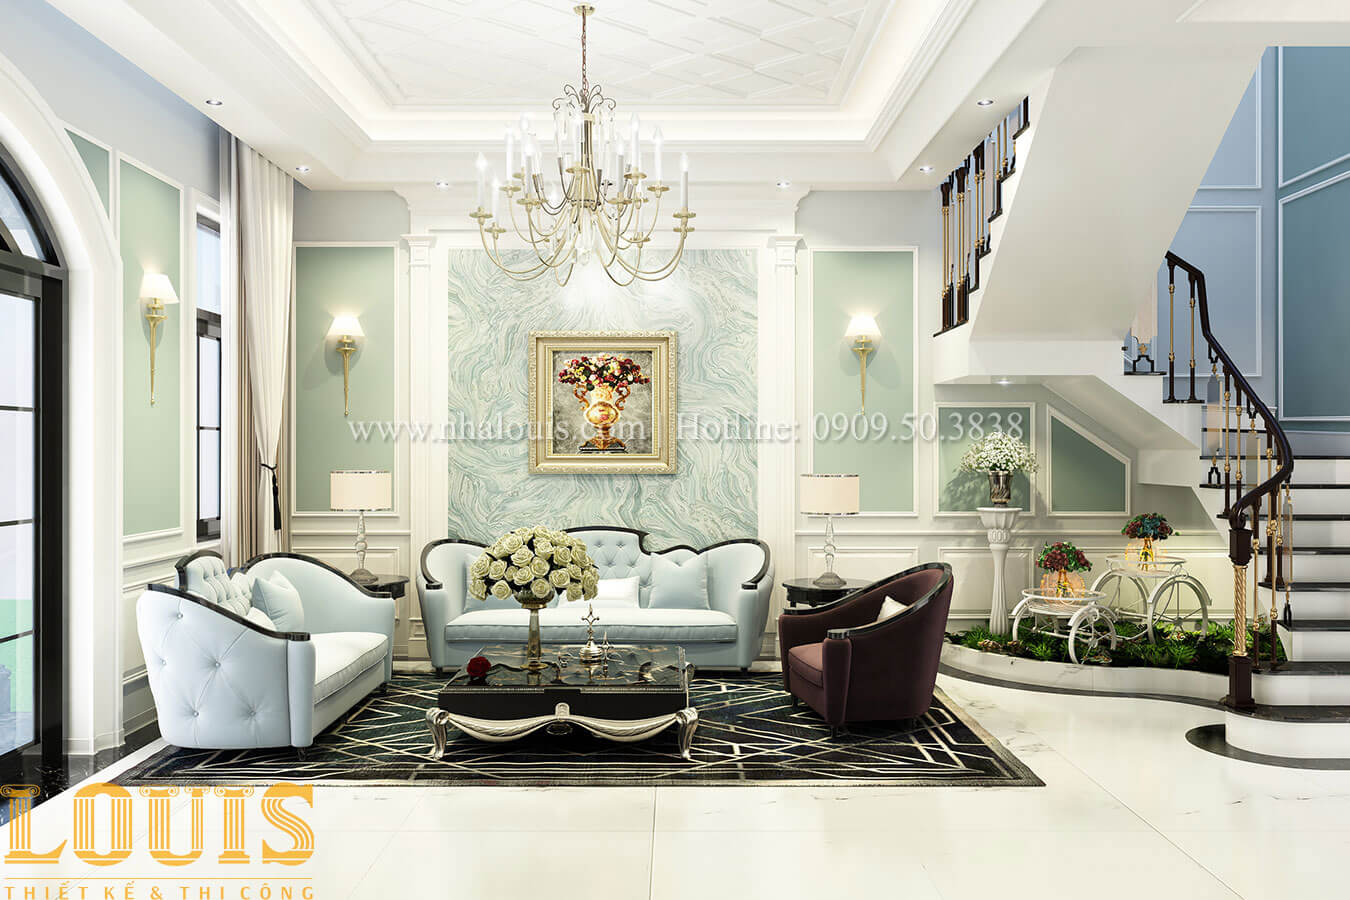 Phòng khách Thiết kế biệt thự 3 tầng đẹp có sân vườn ở miền quê Đồng Nai - 12